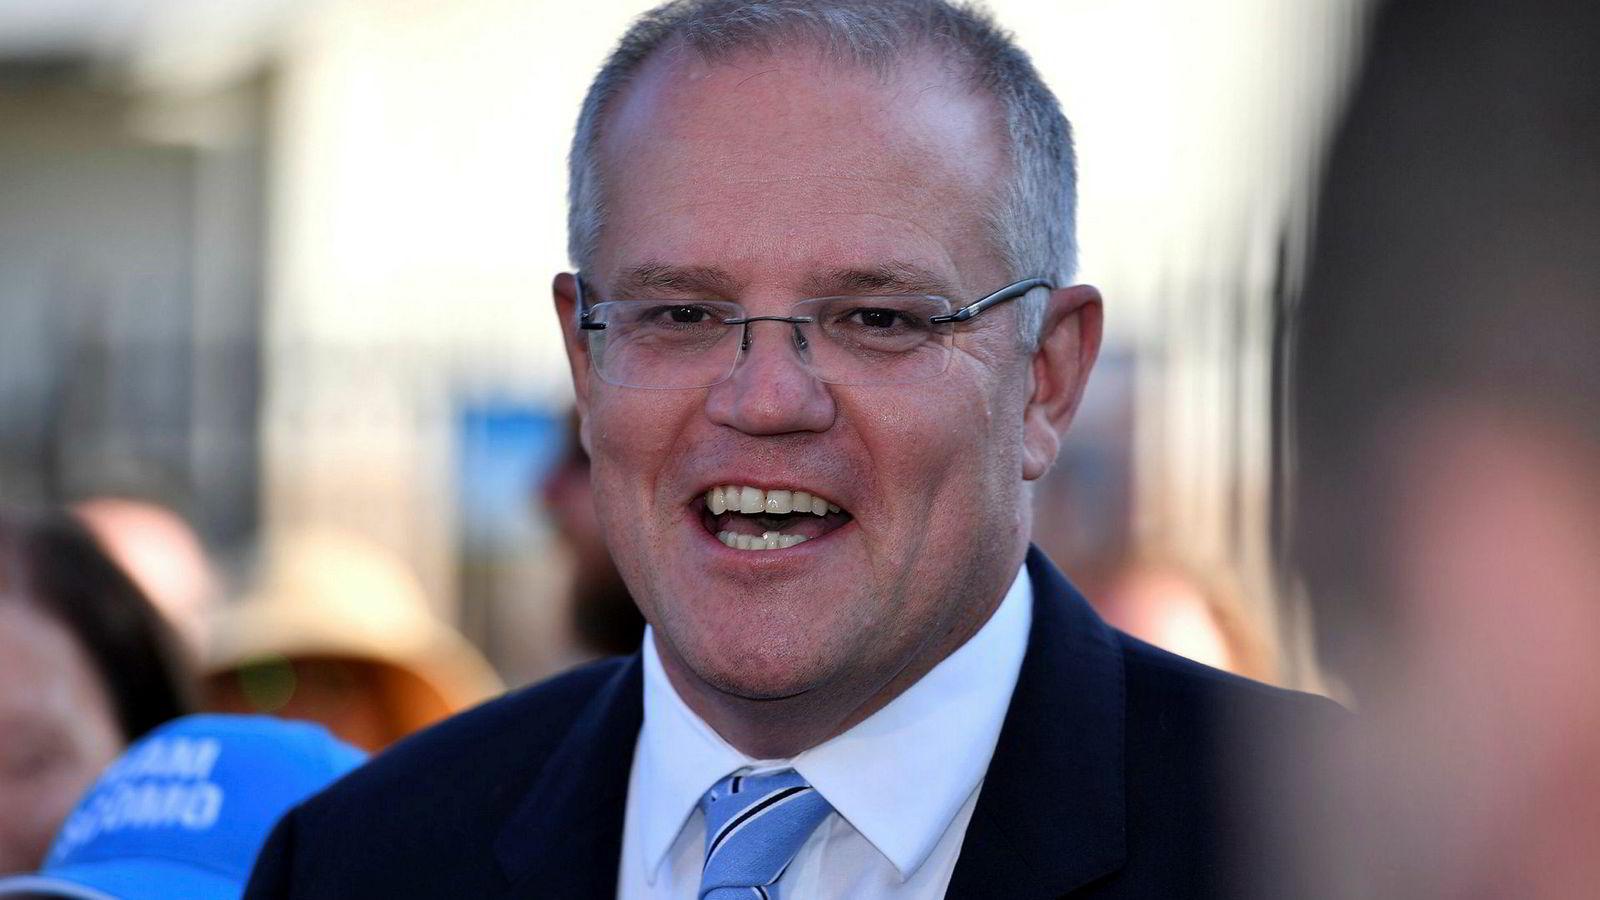 Partiene i statsminister Scott Morrisons konservative koalisjonsregjering ser ut til å ha gjort det bedre enn ventet etter at meningsmålinger og valgdagsmålinger på forhånd var negative for ham.